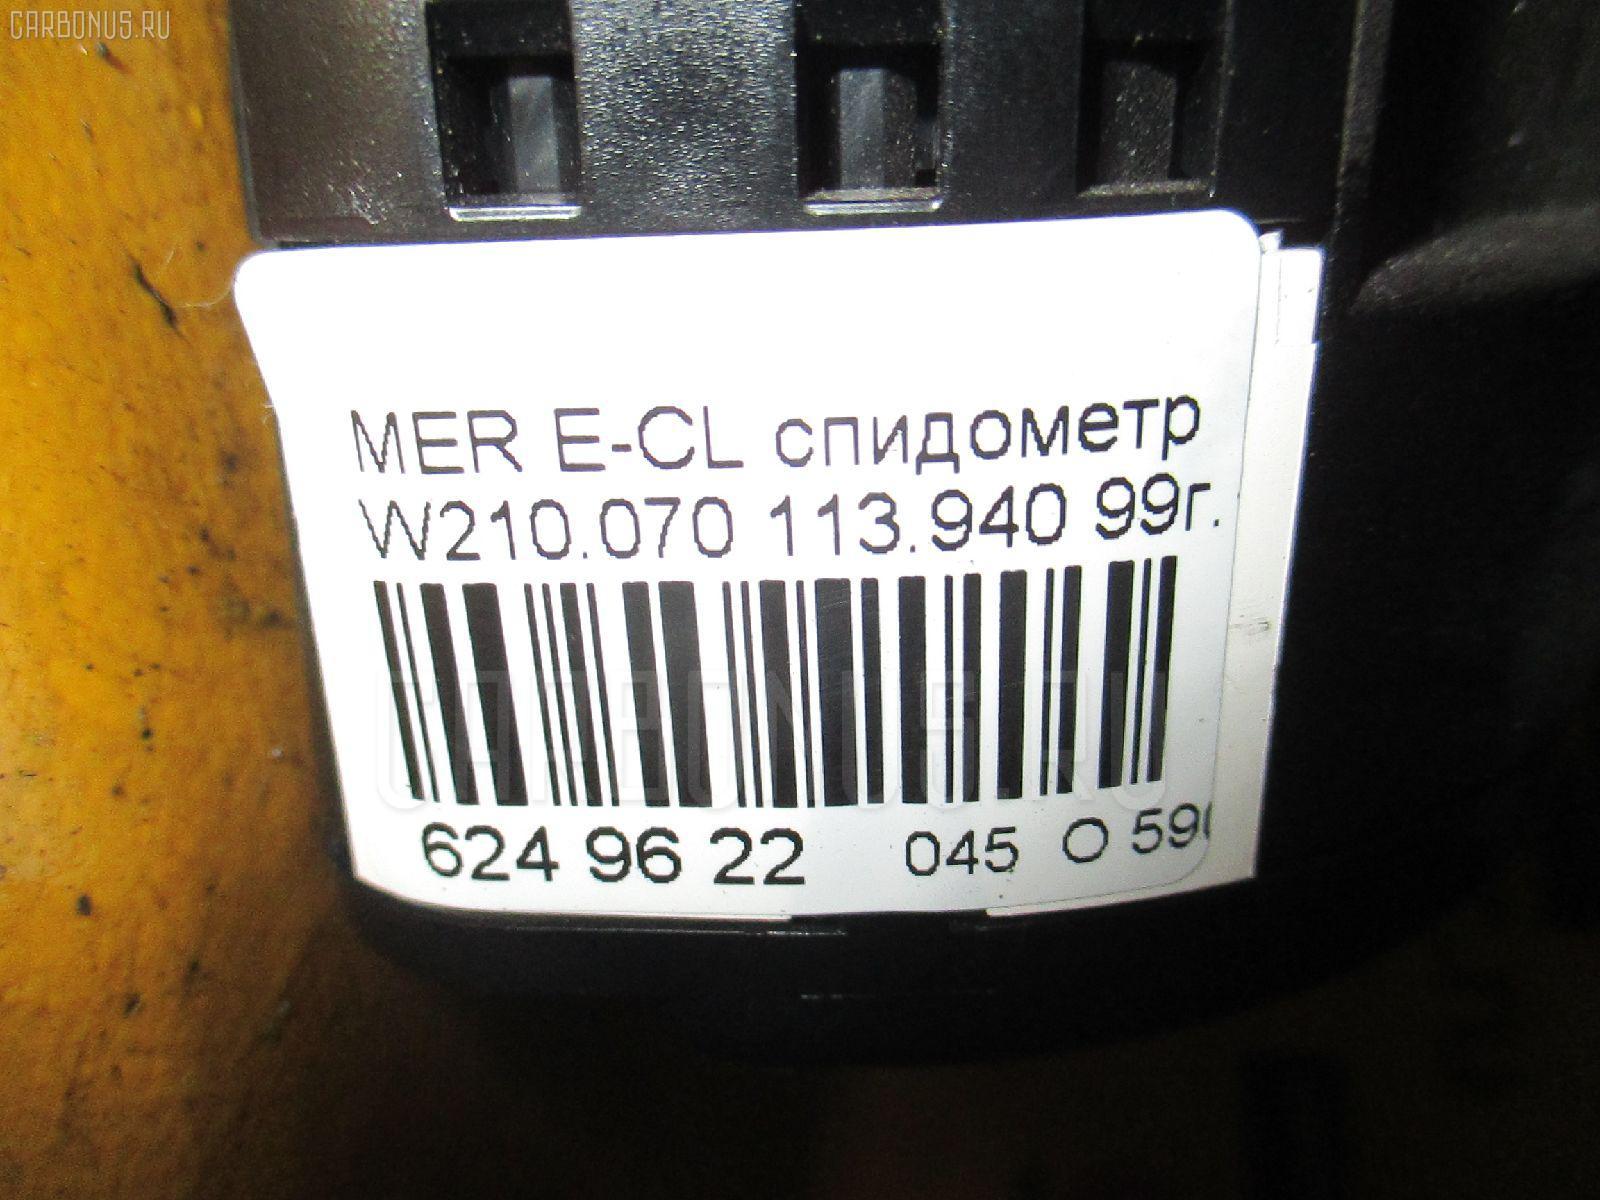 Спидометр MERCEDES-BENZ E-CLASS W210.070 113.940 Фото 4